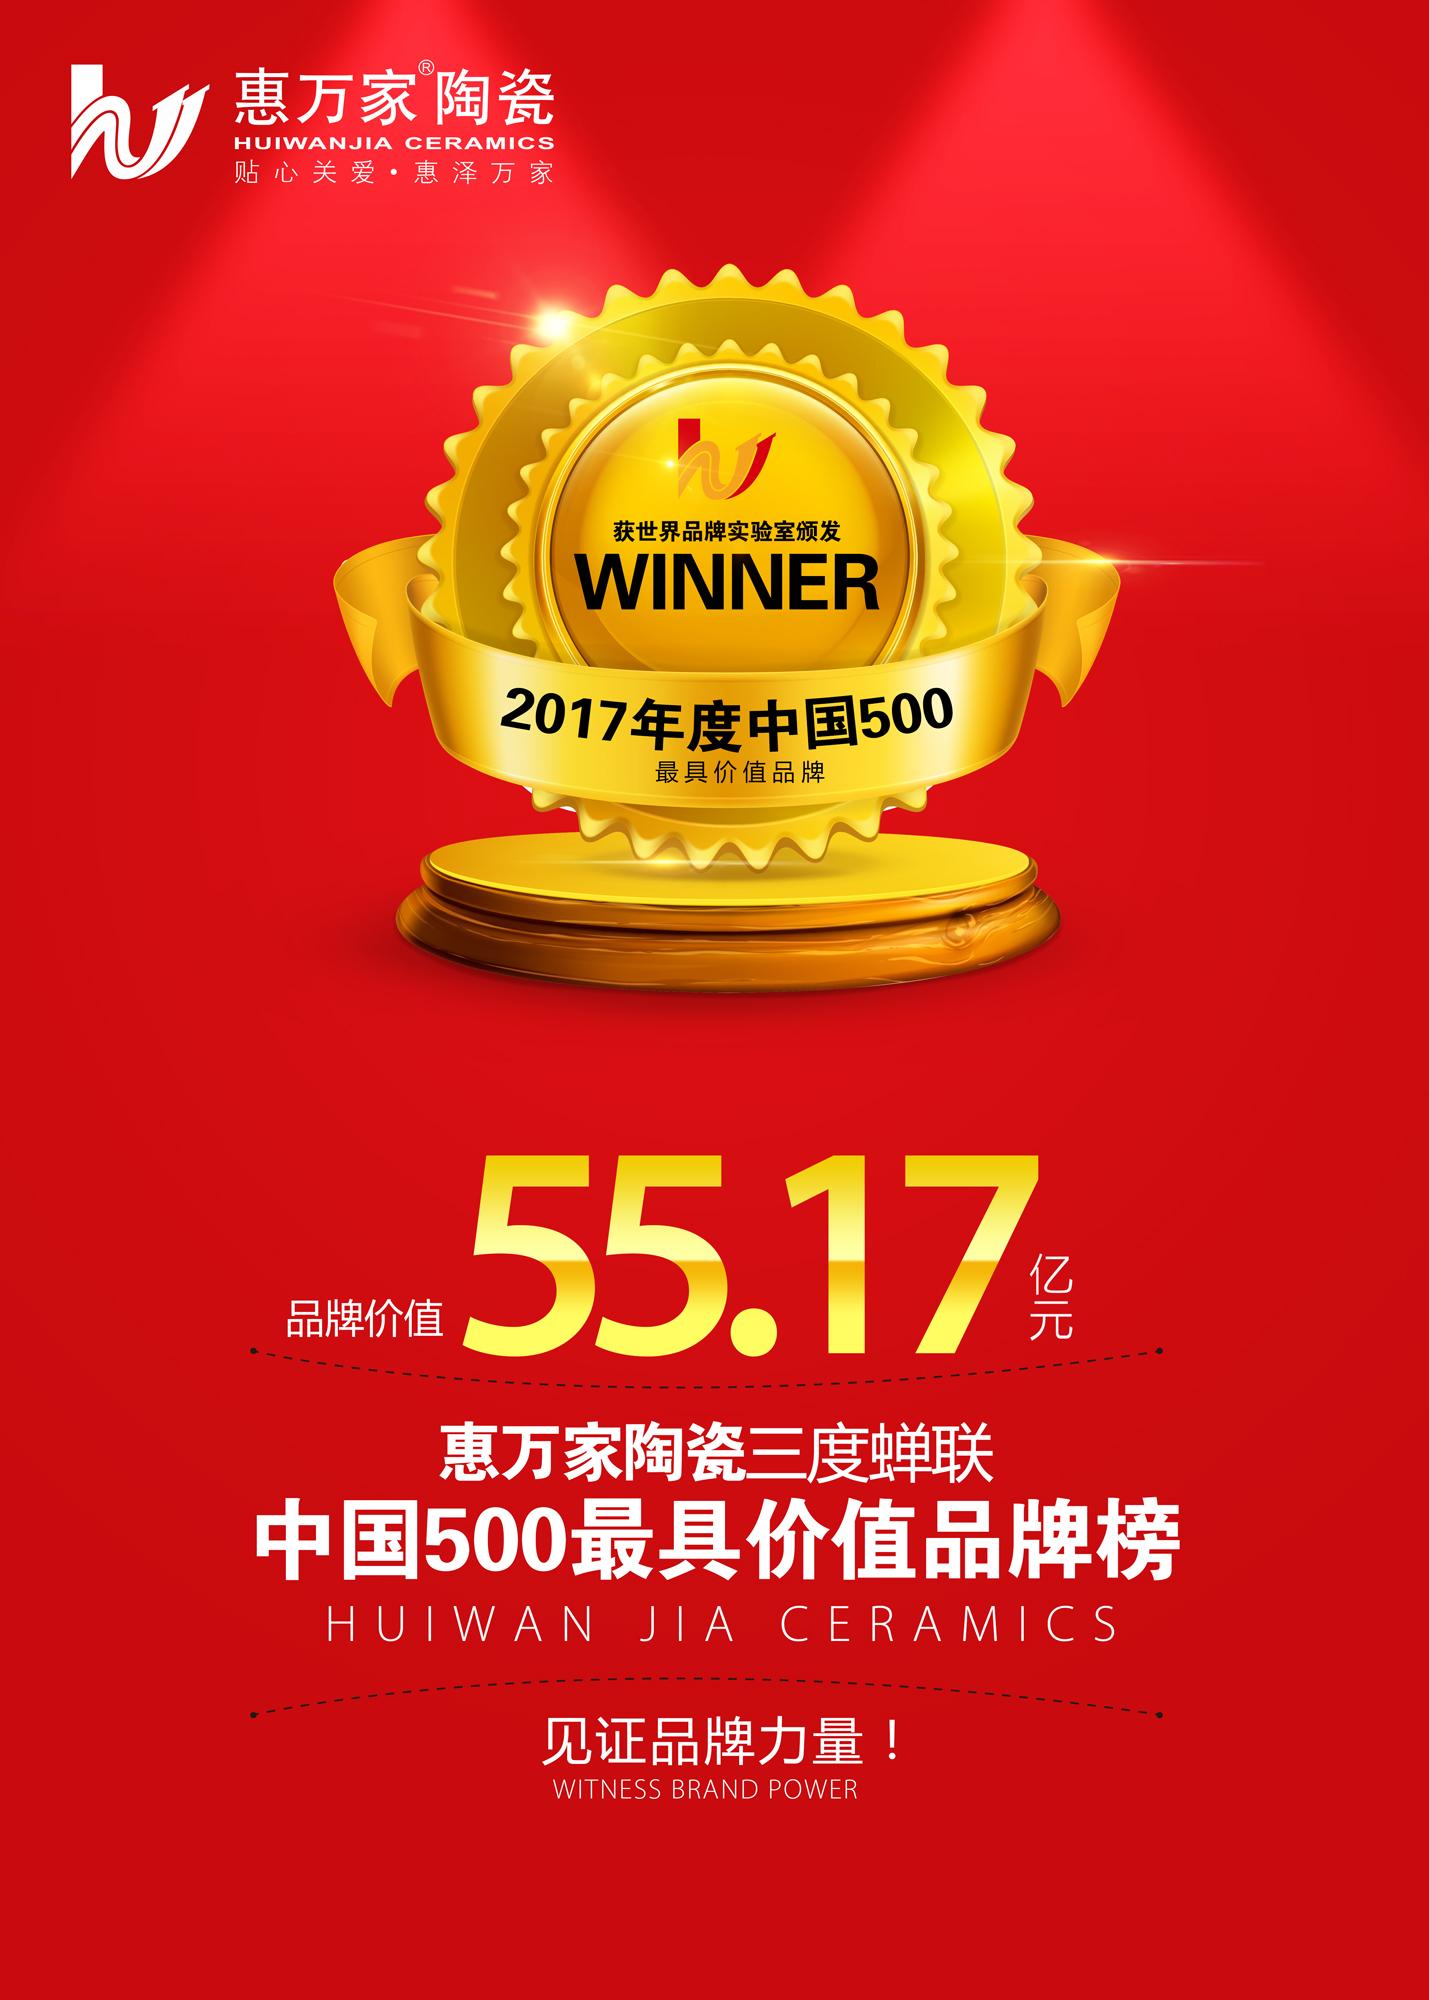 """品牌价值55.17亿元!惠万家陶瓷三度蝉联""""中国500最具价值品牌榜"""""""